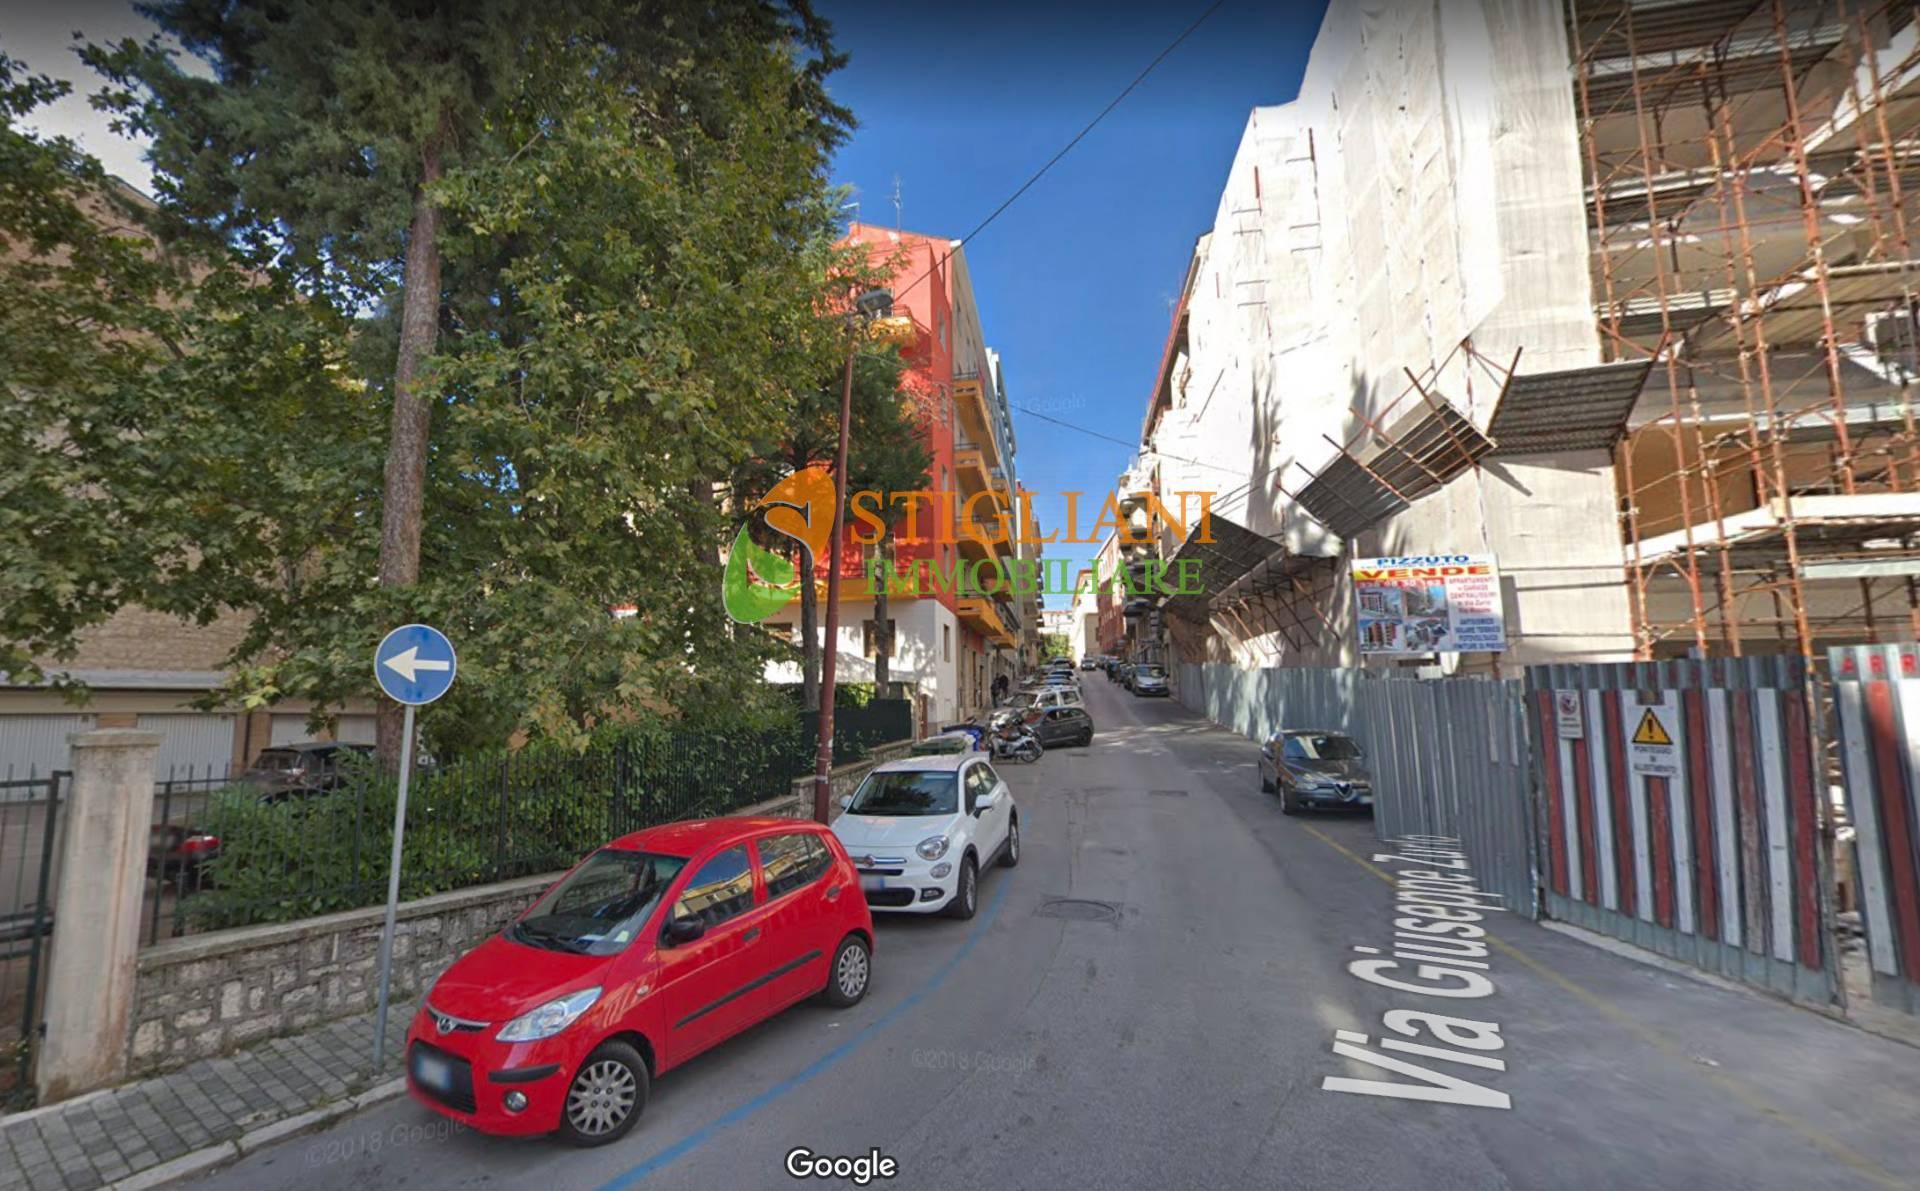 Appartamento in affitto a Campobasso, 6 locali, zona Zona: Centro, prezzo € 350 | CambioCasa.it